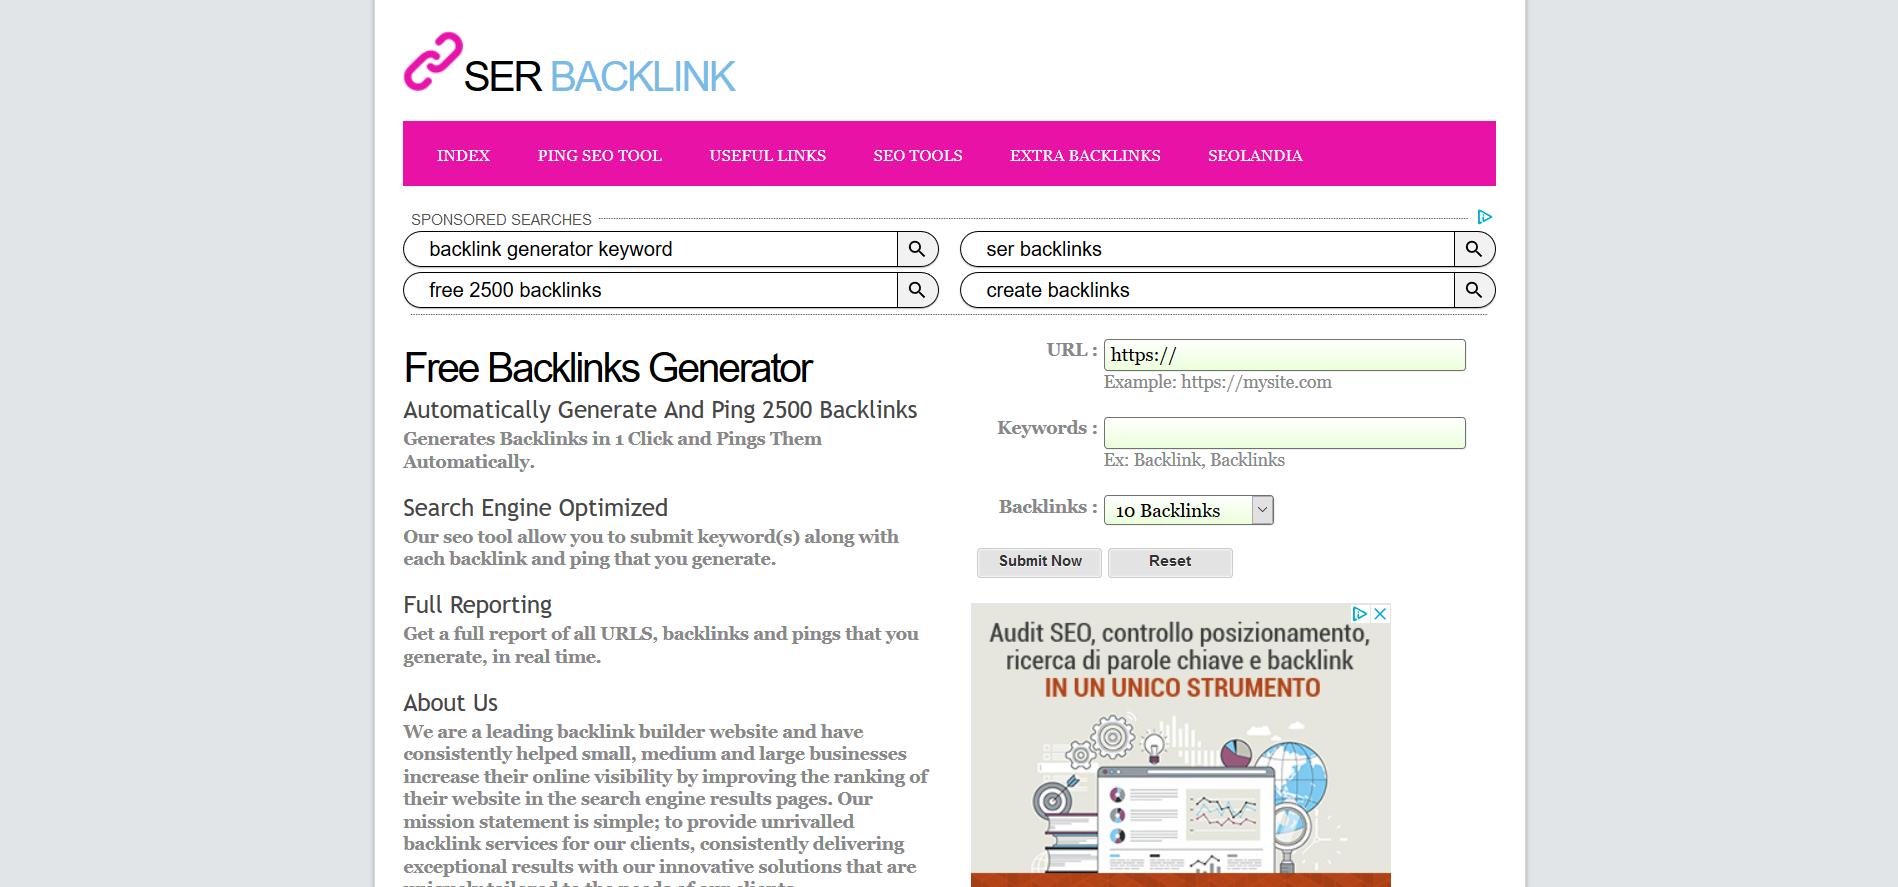 Générateur De Backlink, Générer Des Backlinks Gratuits, Outil Backlink Builder